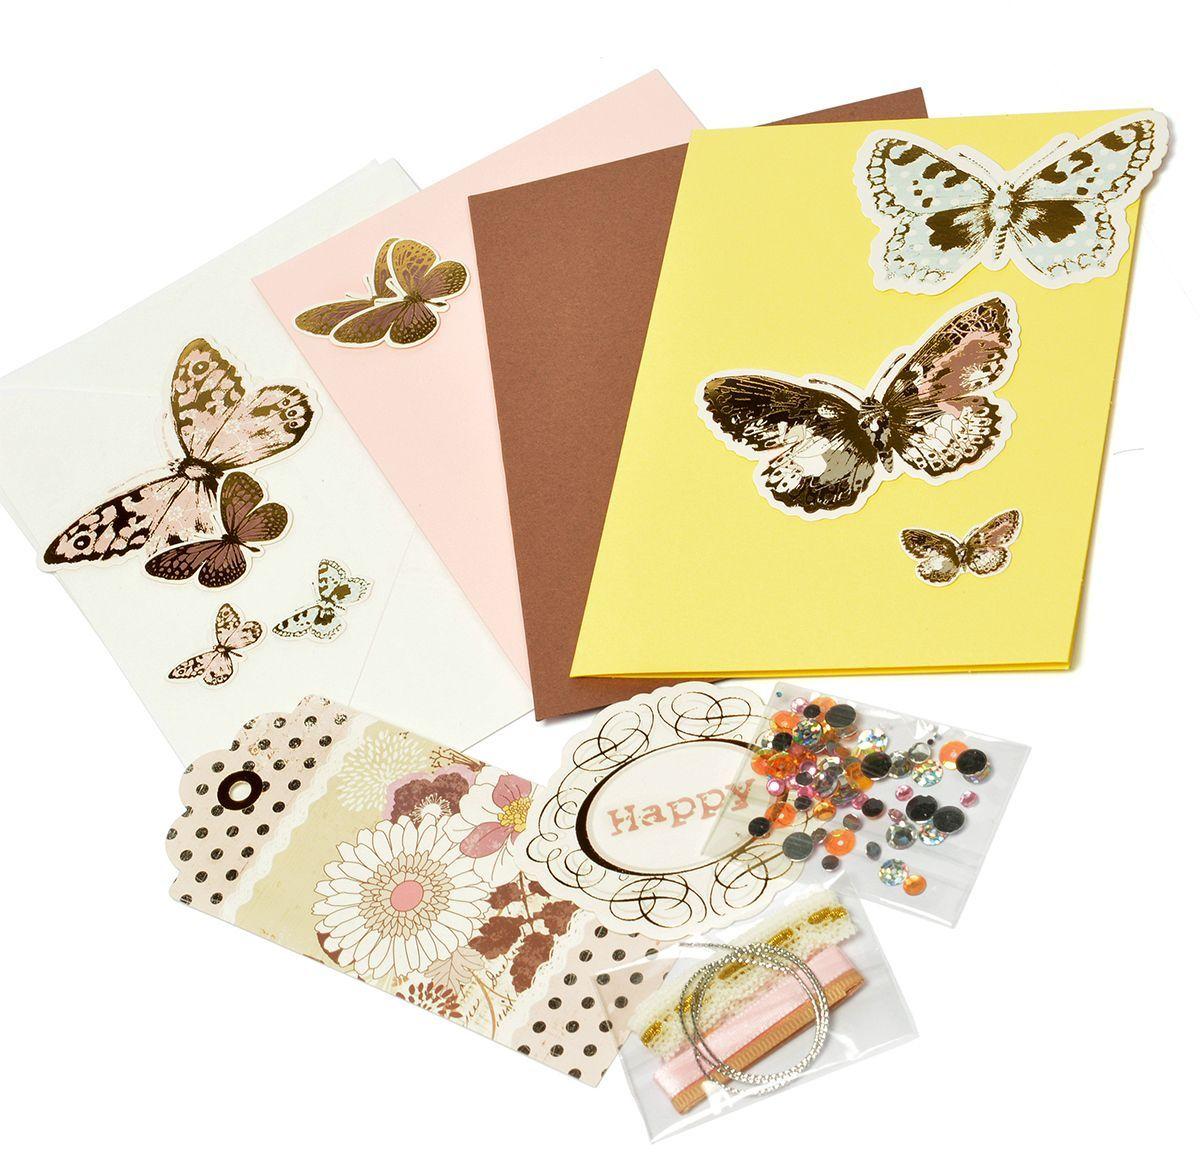 Набор для создания открыток Magic 4 Hobby MG.DIY-3A №2 11,5x17 смMG.DIY-3A.2